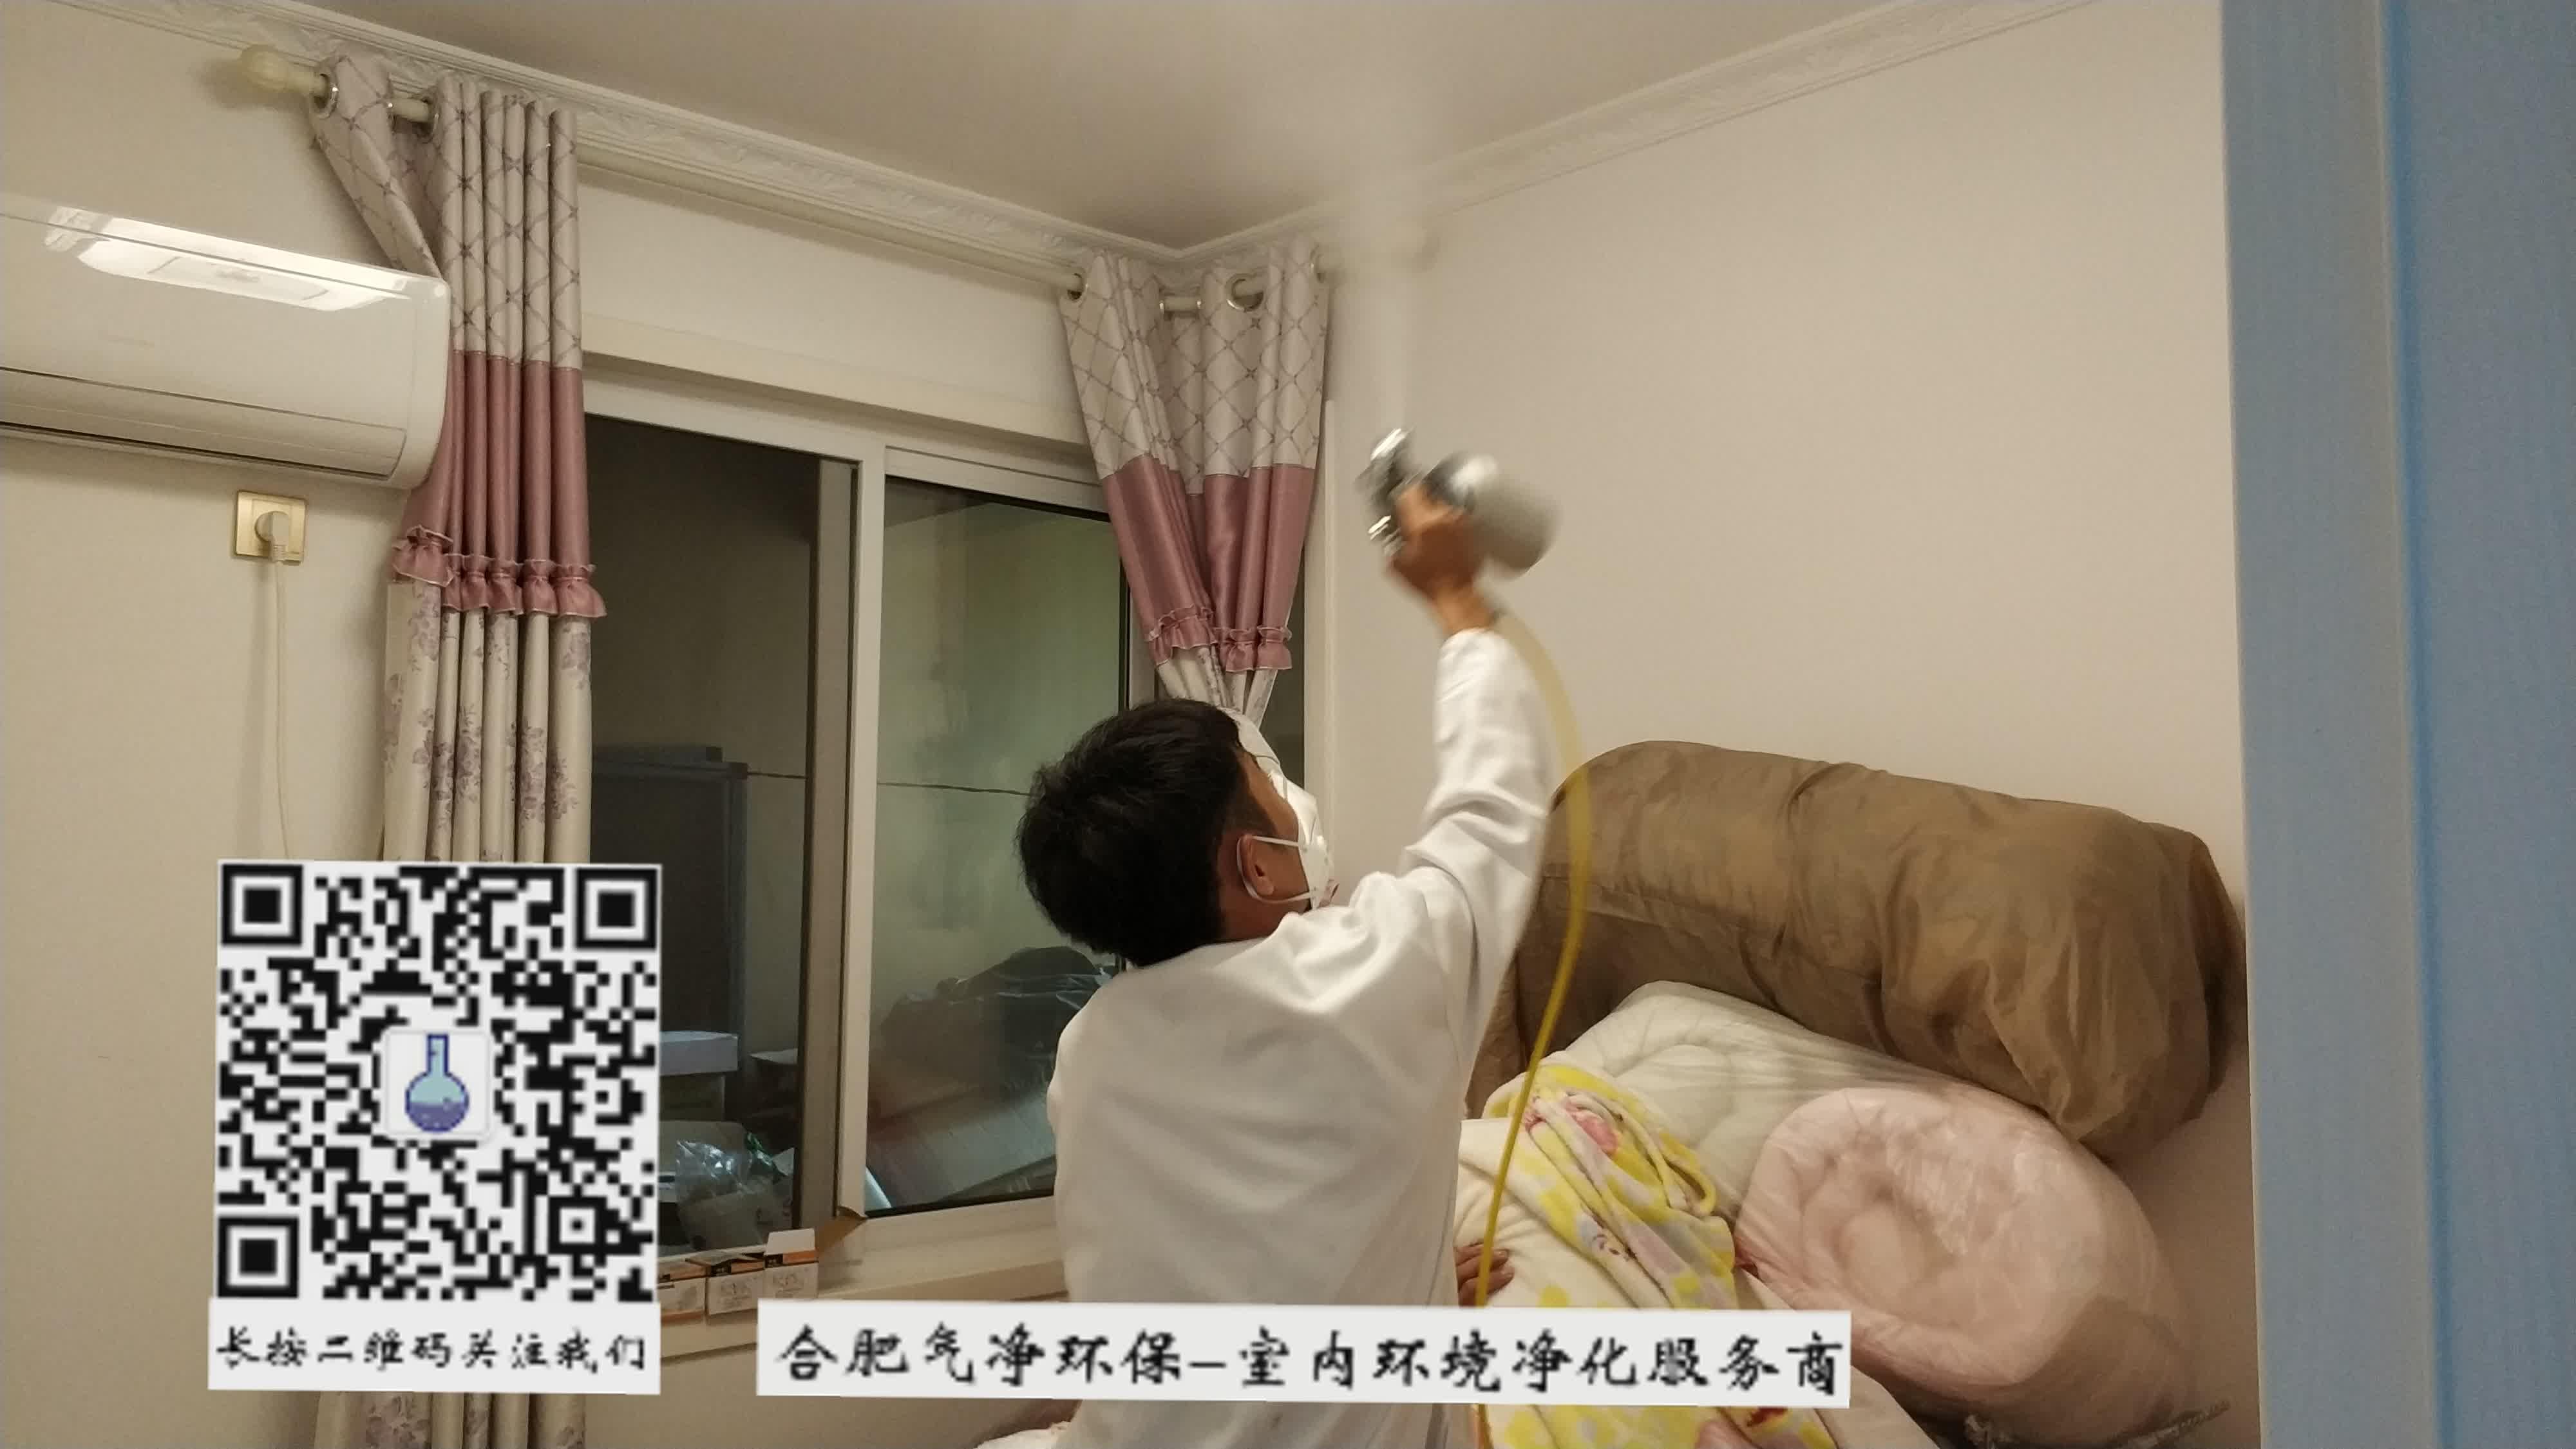 水印图片by水印王_20180801-18634656